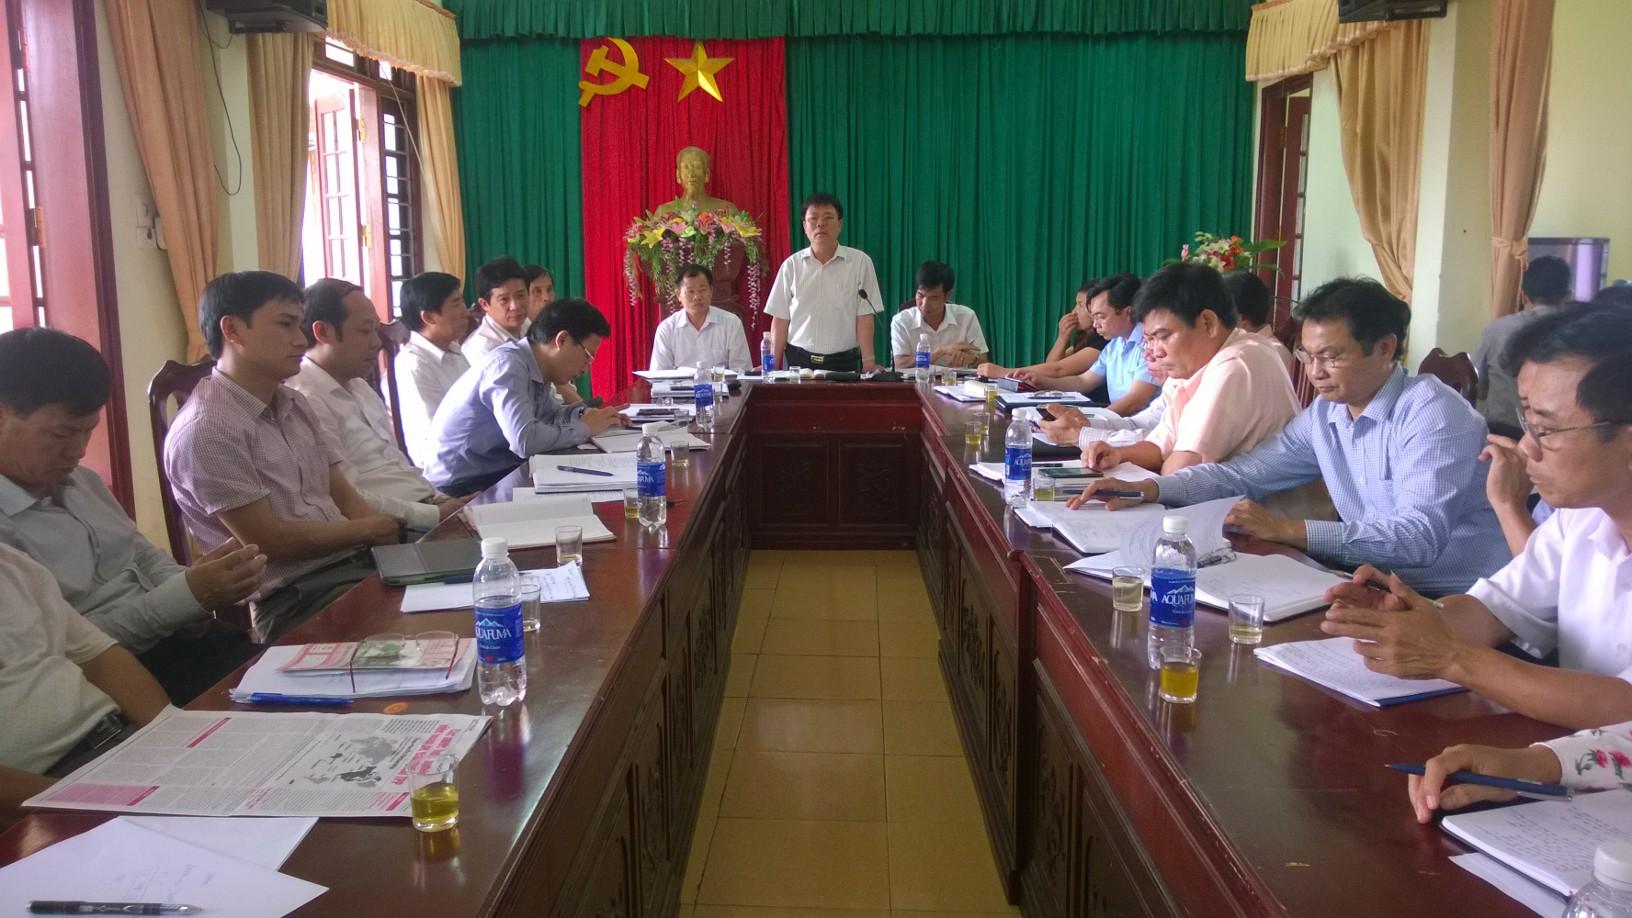 Kiểm tra tiến độ và thảo luận các giải pháp tháo gỡ khó khăn trong thực hiện các tiêu chí xây dựng nông thôn mới của xã Canh Nậu